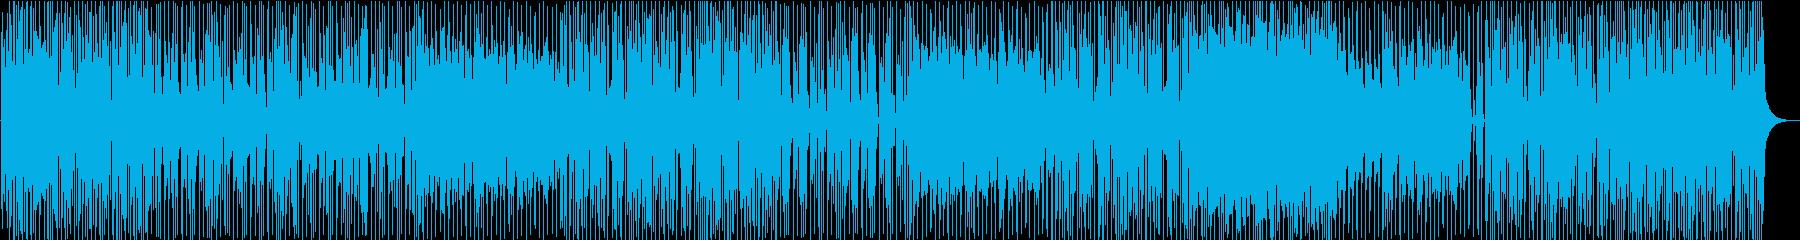 ノリの良いポップ、インストの再生済みの波形